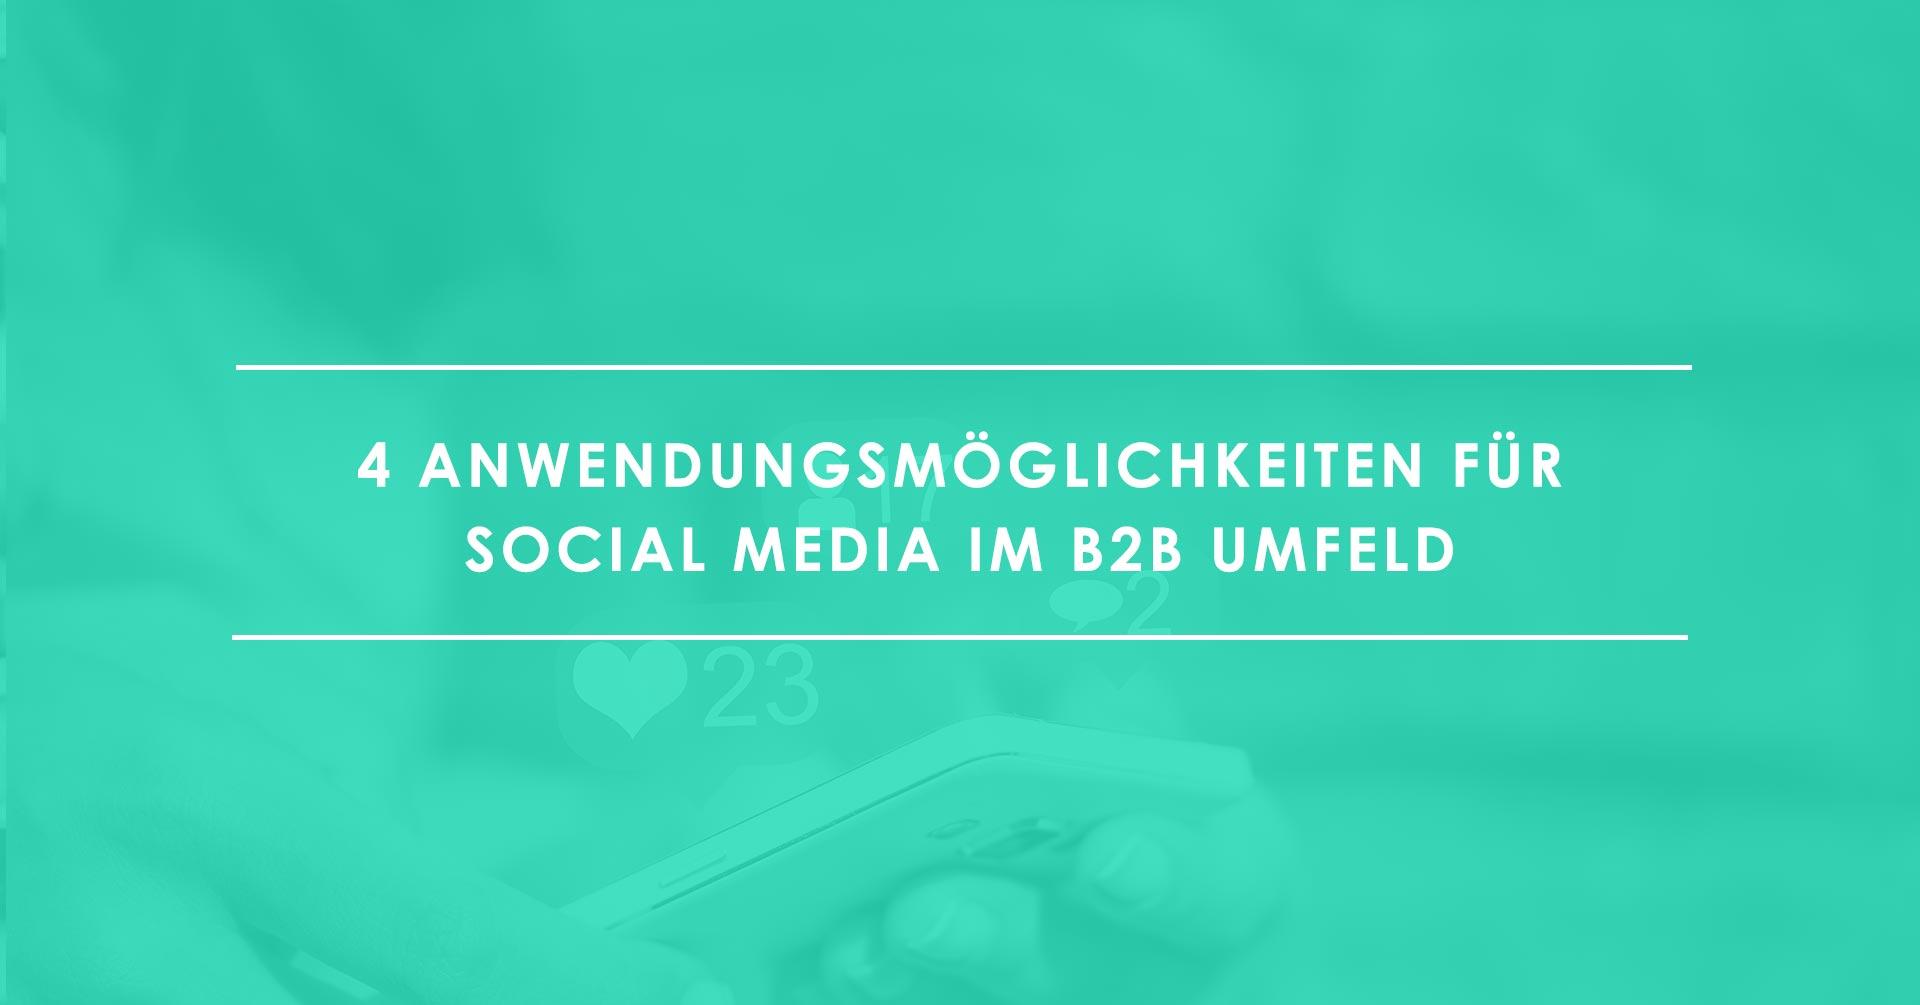 4 Wege, Social Media für B2B-Unternehmen einzusetzen